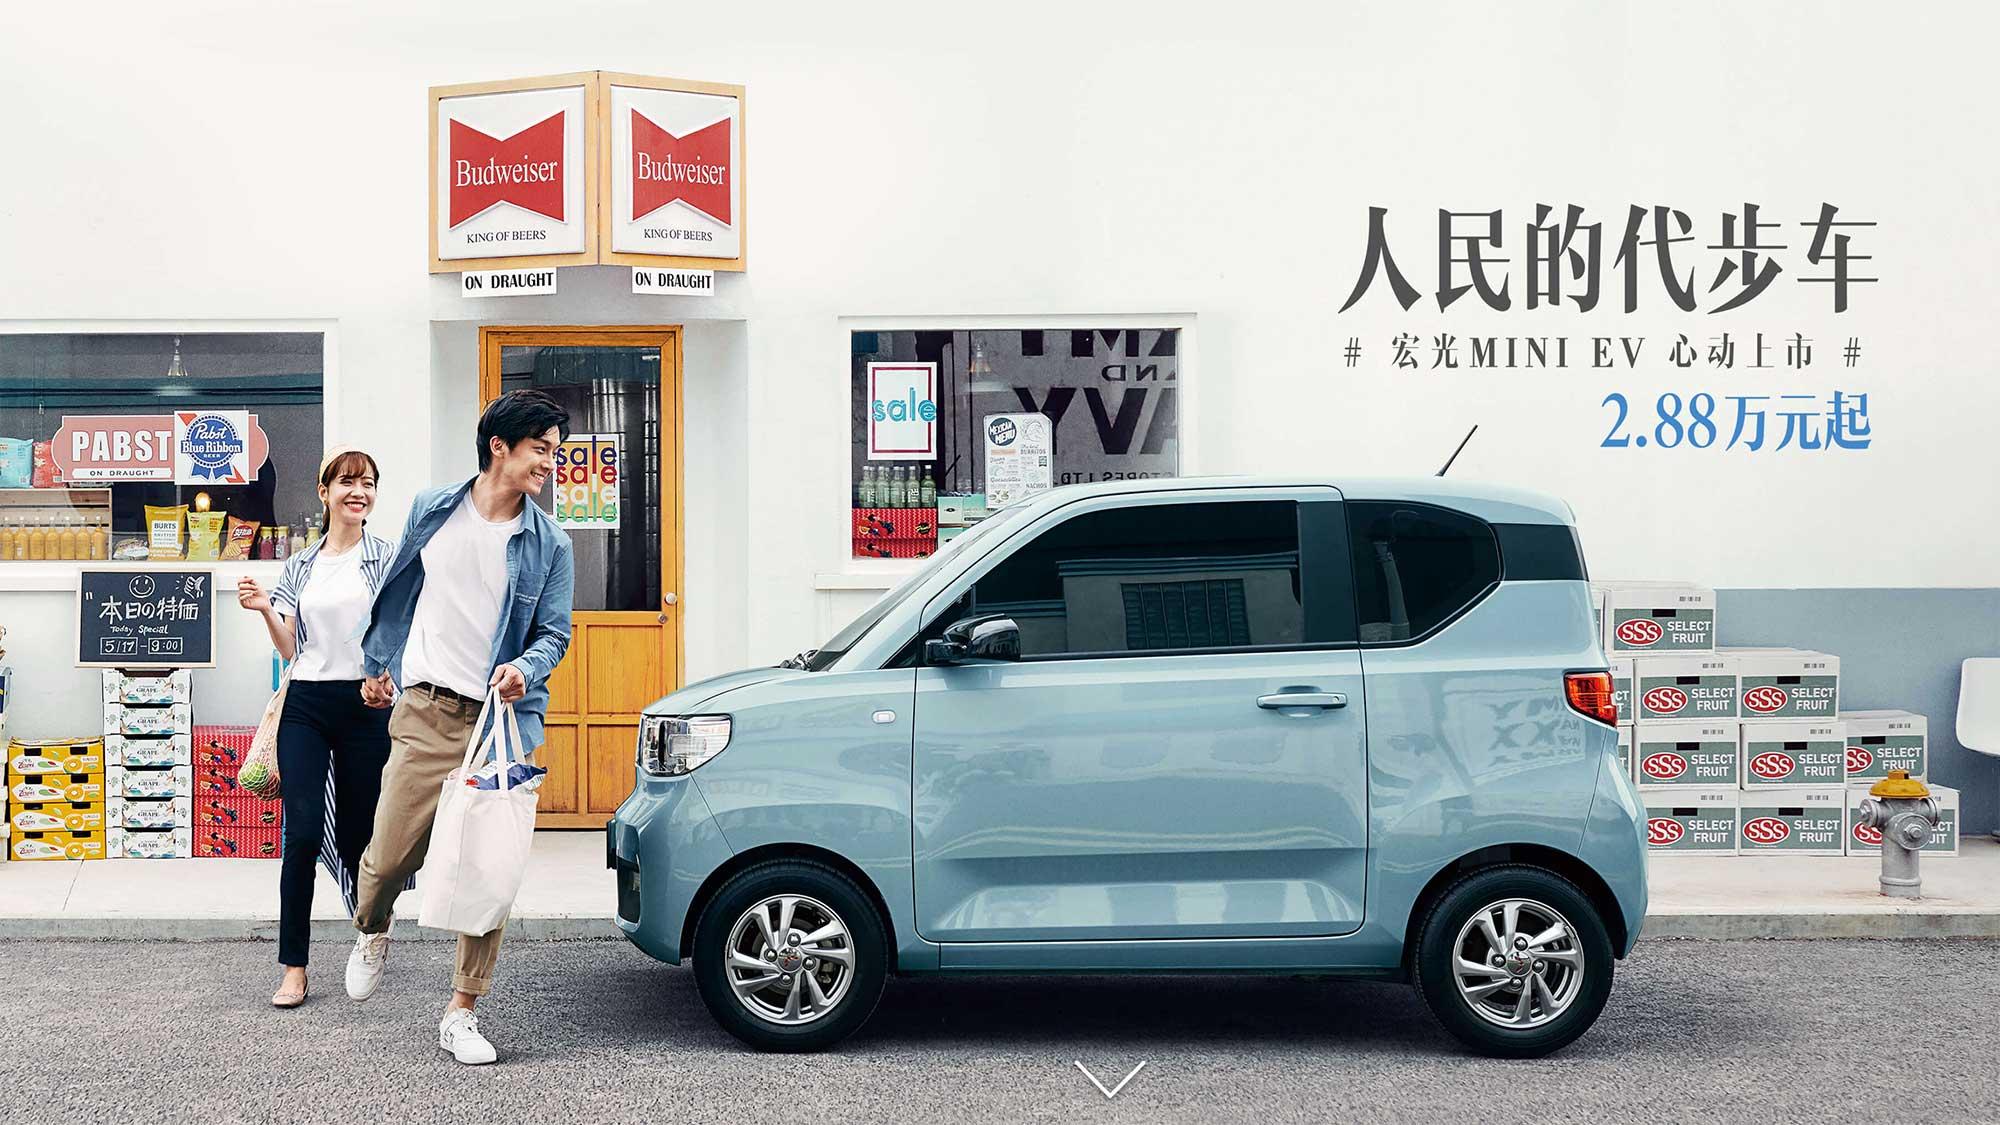 45万円で9.3kWh〜中国の電気自動車『宏光MINI EV』が発売早々大ヒット ...